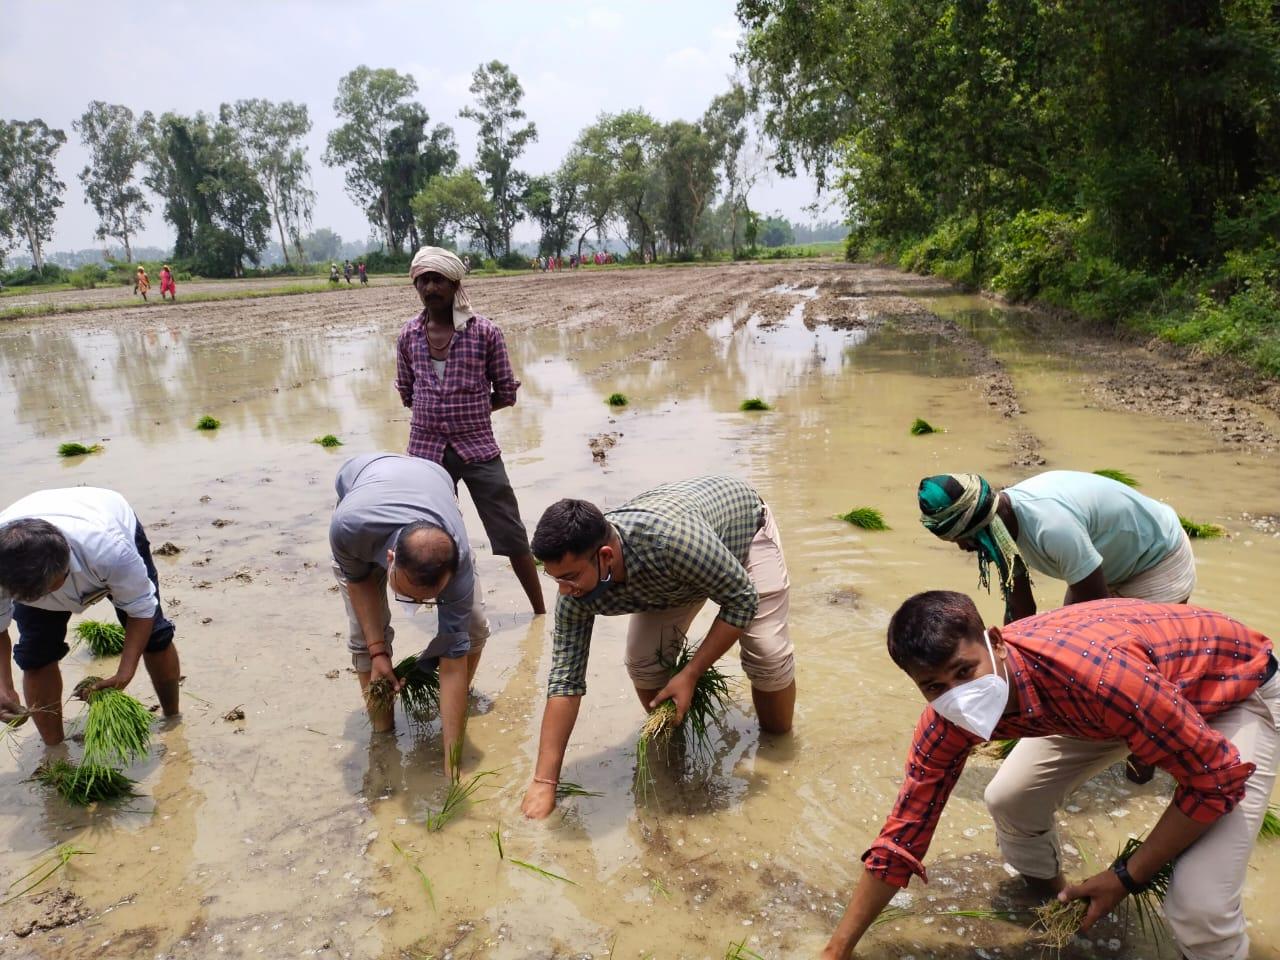 कृषि फार्म का निरीक्षण करने पहुंचे DM साहब पैंट ऊपर चढ़ा के शर्ट की आस्तीन मोड़ खेत के पानी में उतर गए, DM नया अवतार देख हैरत में पड़ गए किसान|वाराणसी,Varanasi - Dainik Bhaskar